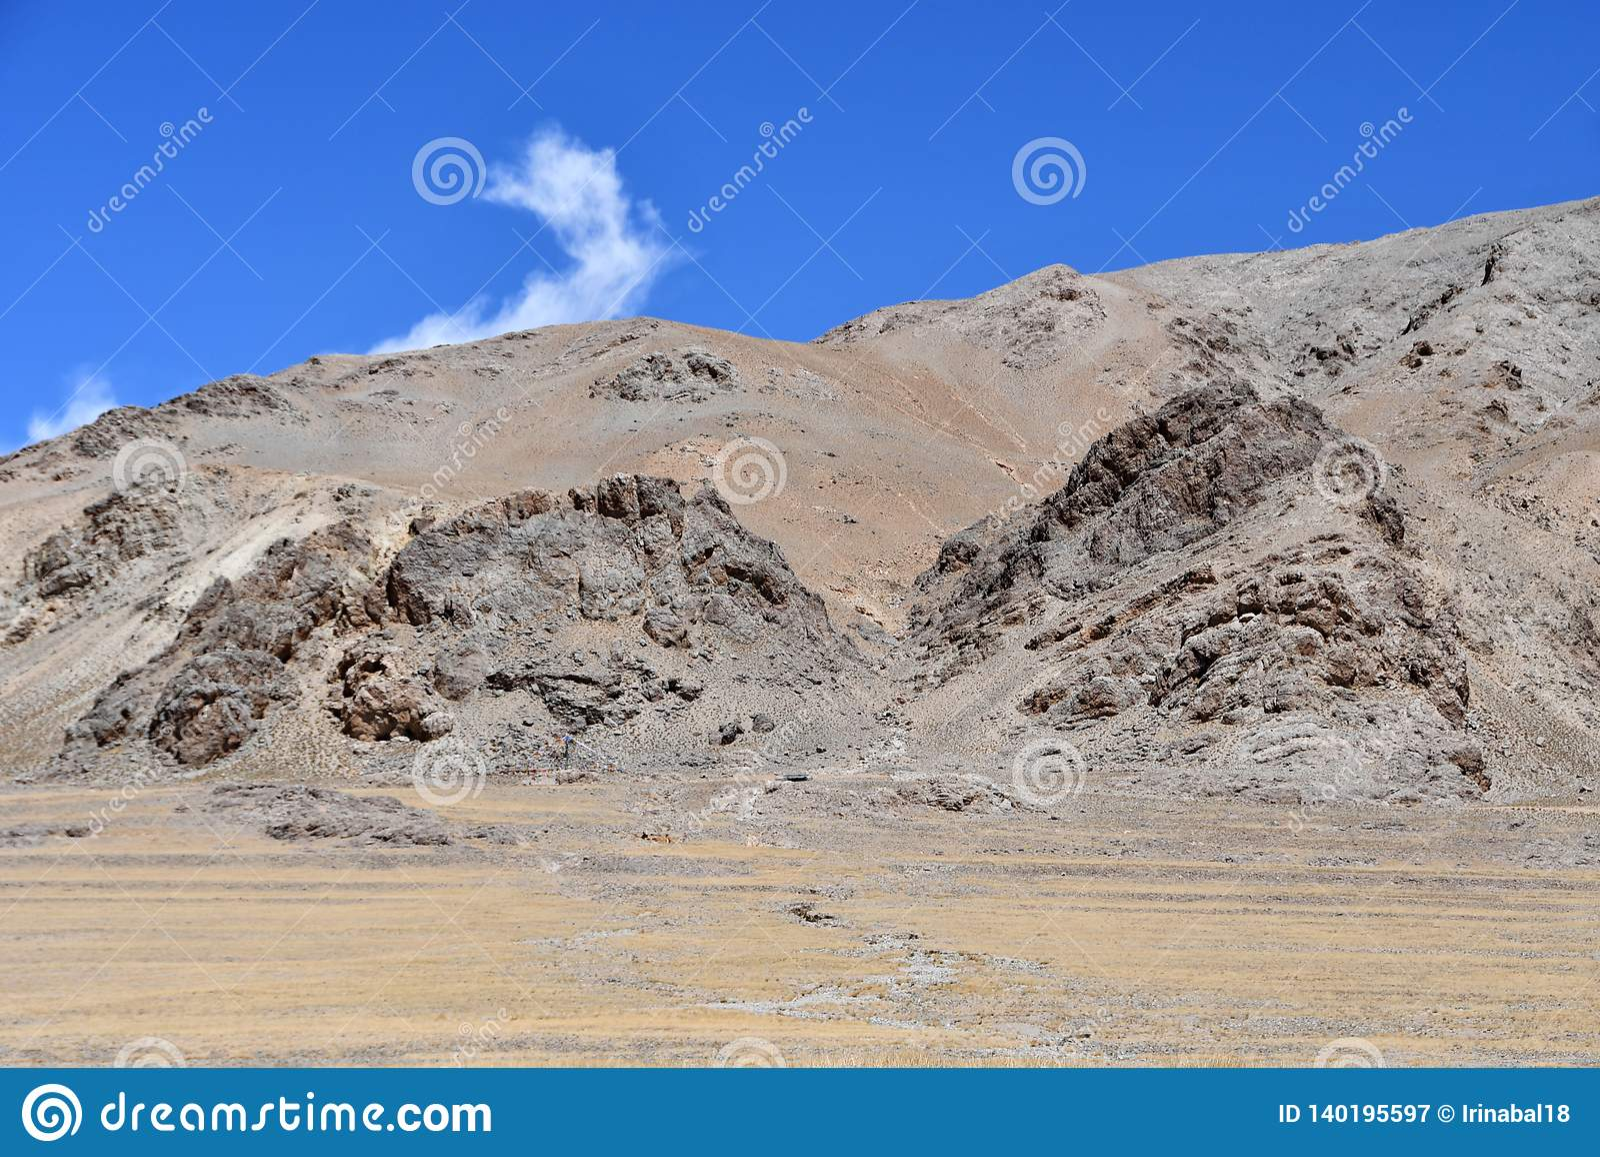 Kina Tibet Himalayas i området av sjön Teri Tashi Nam Co i sommar n-sorg läs vänder mot mytiska beings